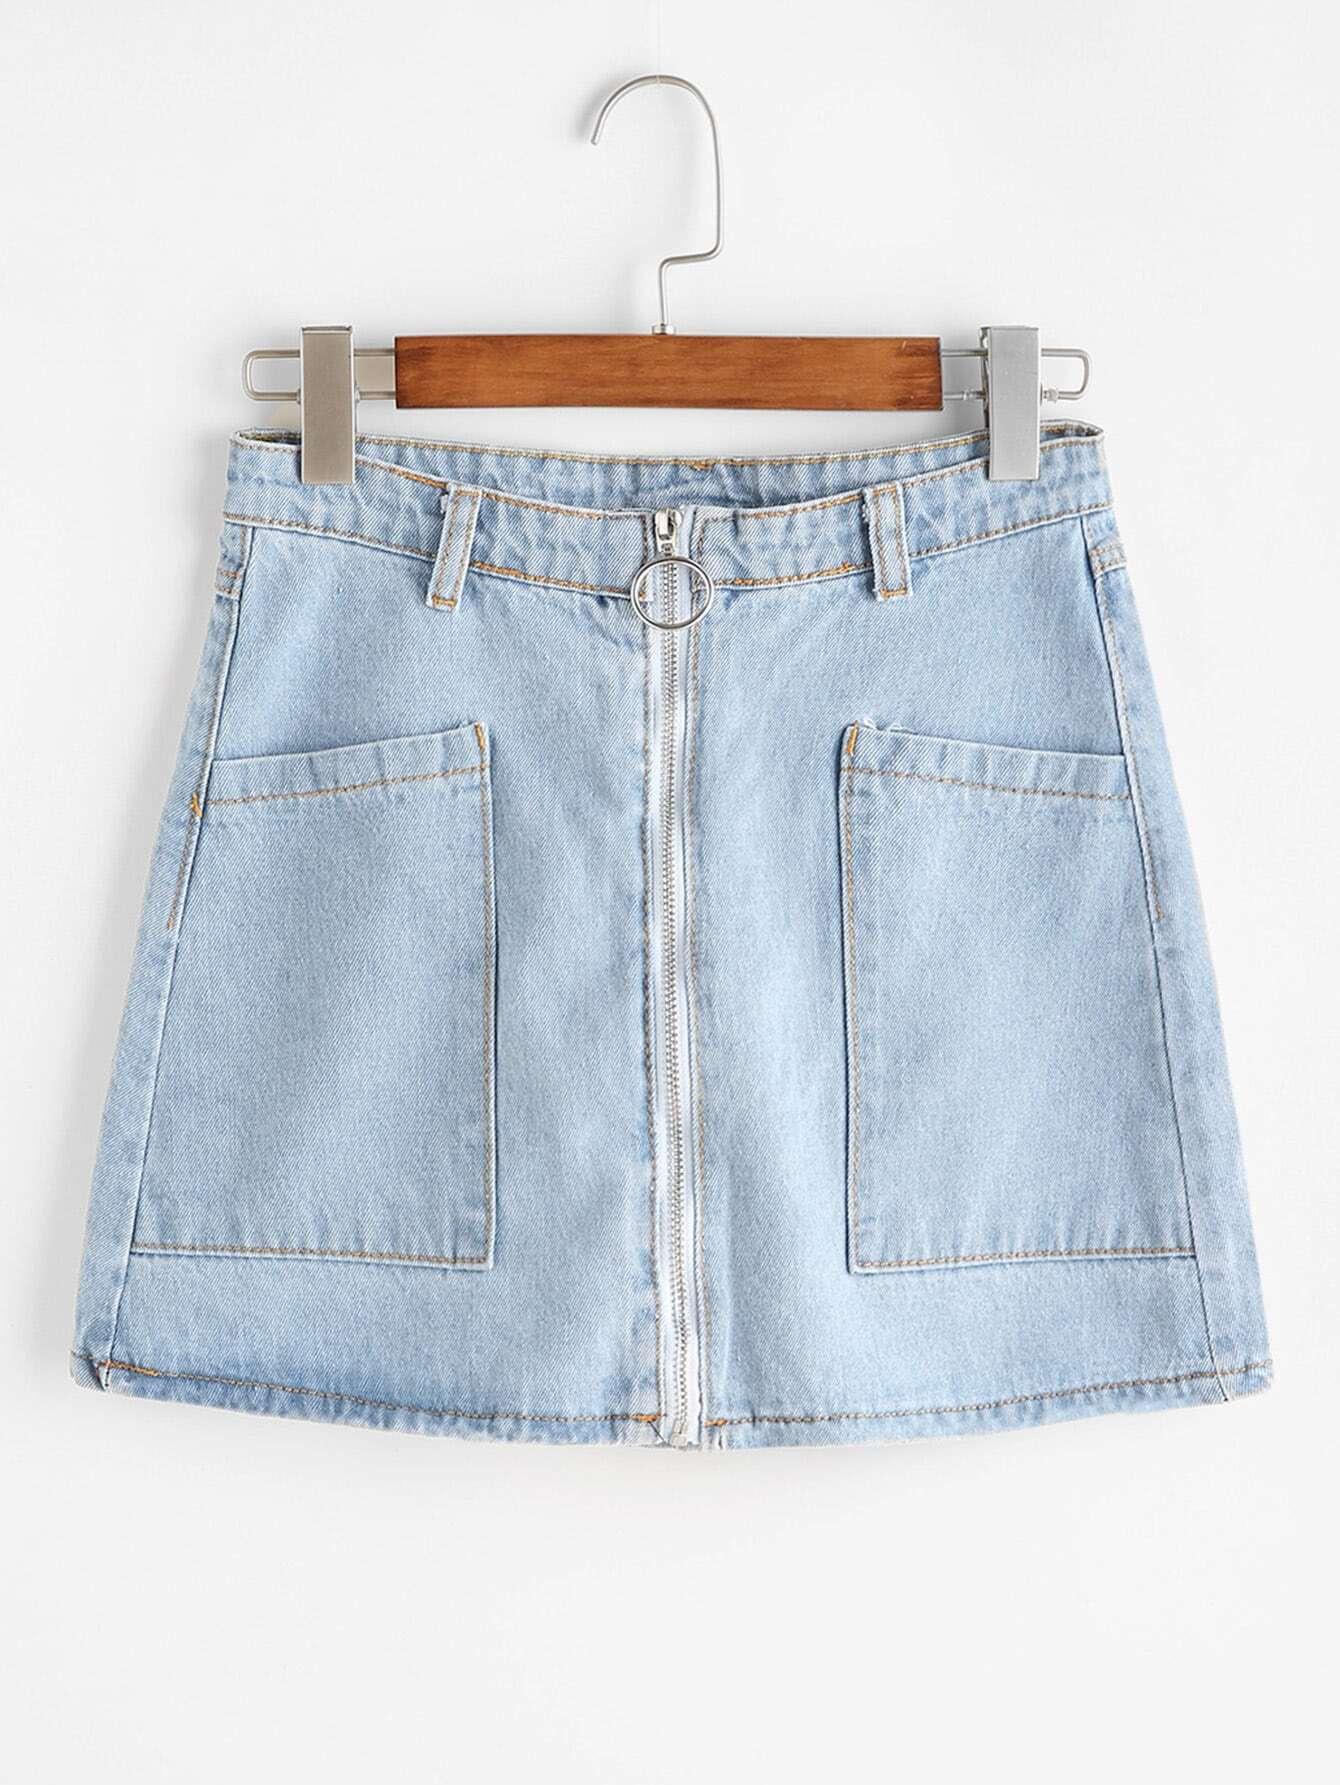 Dual Pockets Zip Front A Line Denim Skirt